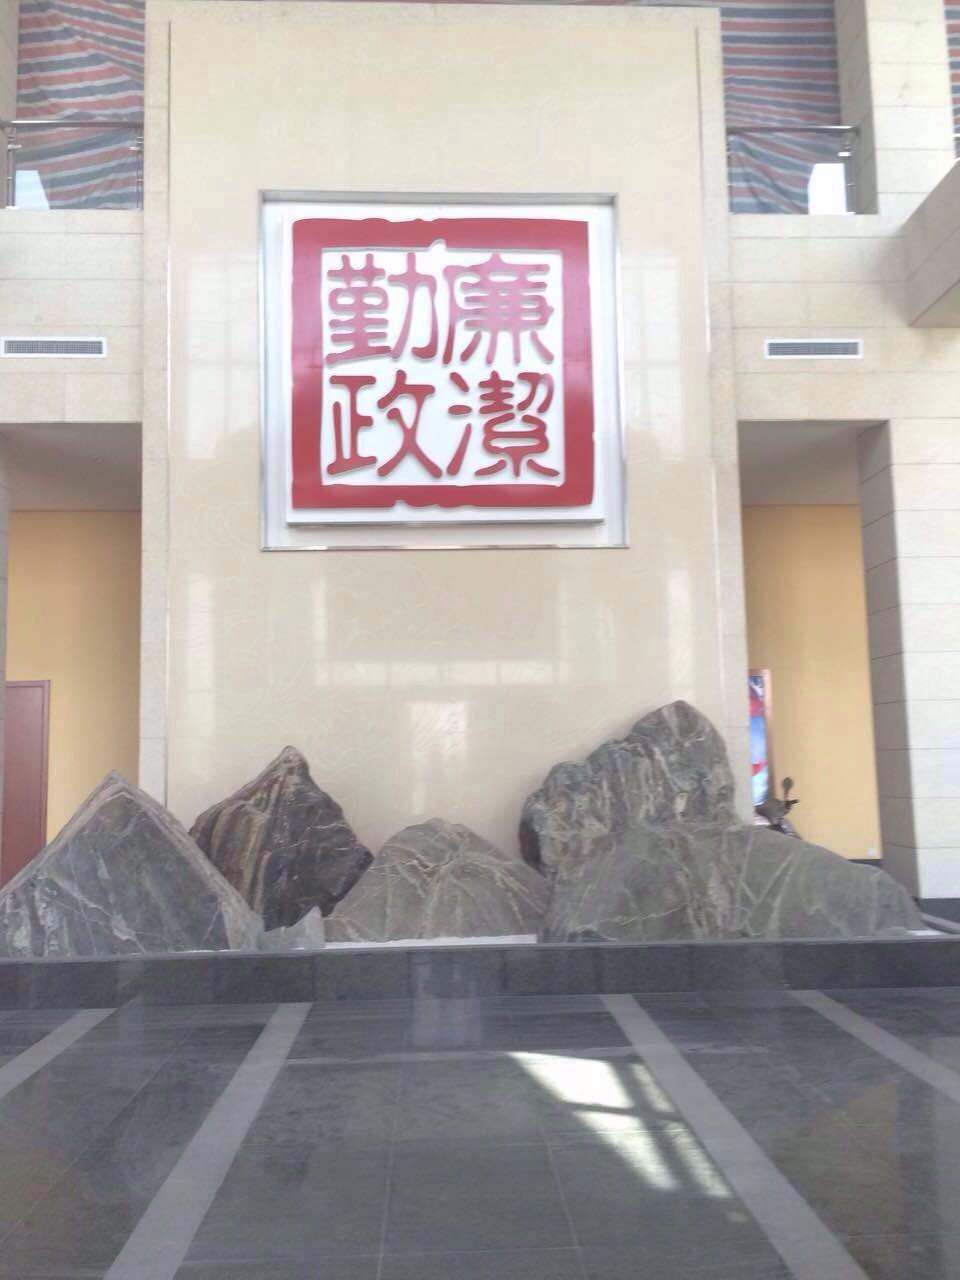 上海雕塑制作过程中的艺术特殊化存在